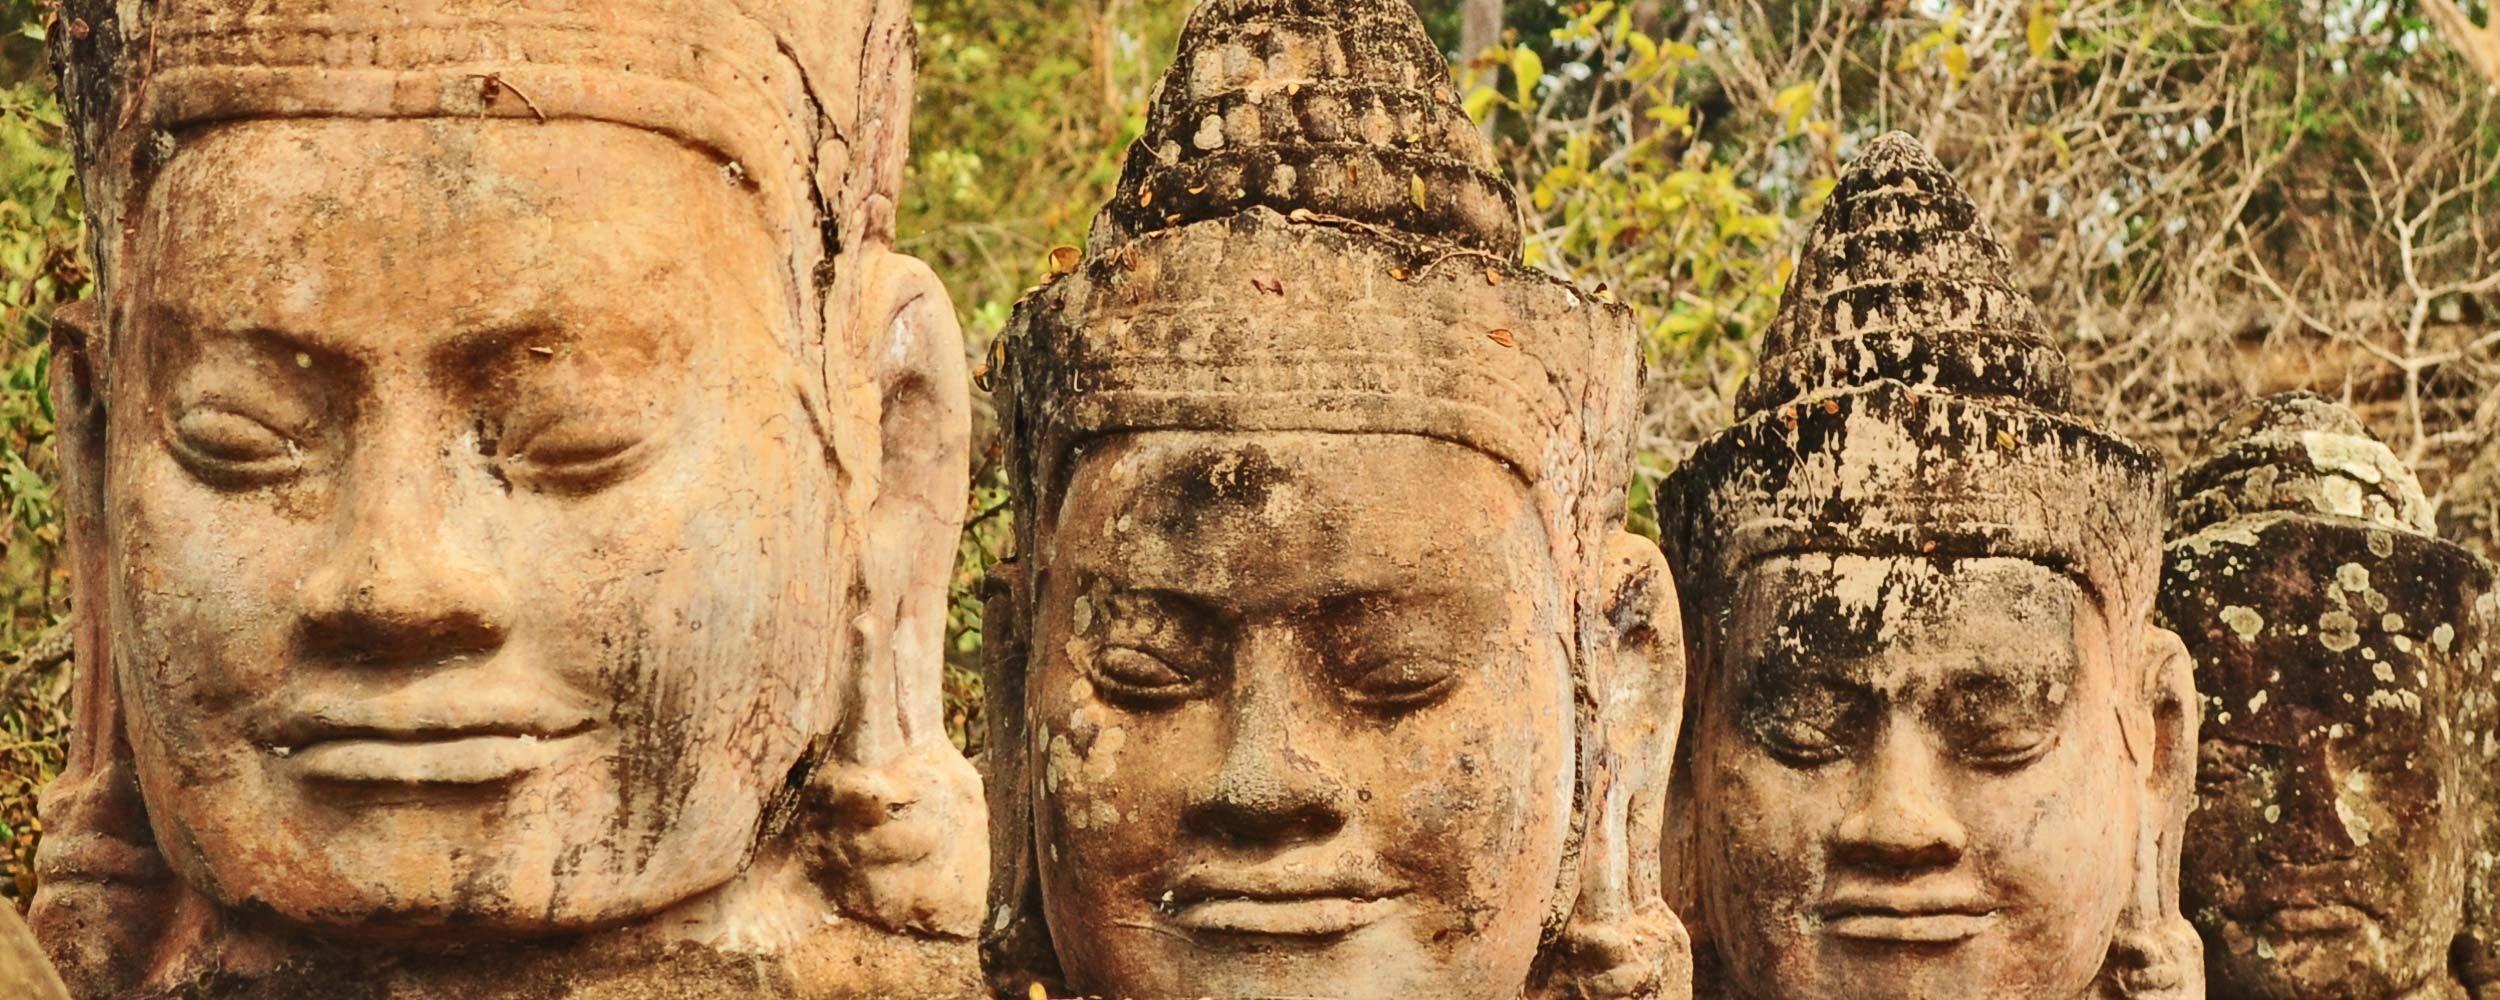 Cambodge ruines d'Angkor